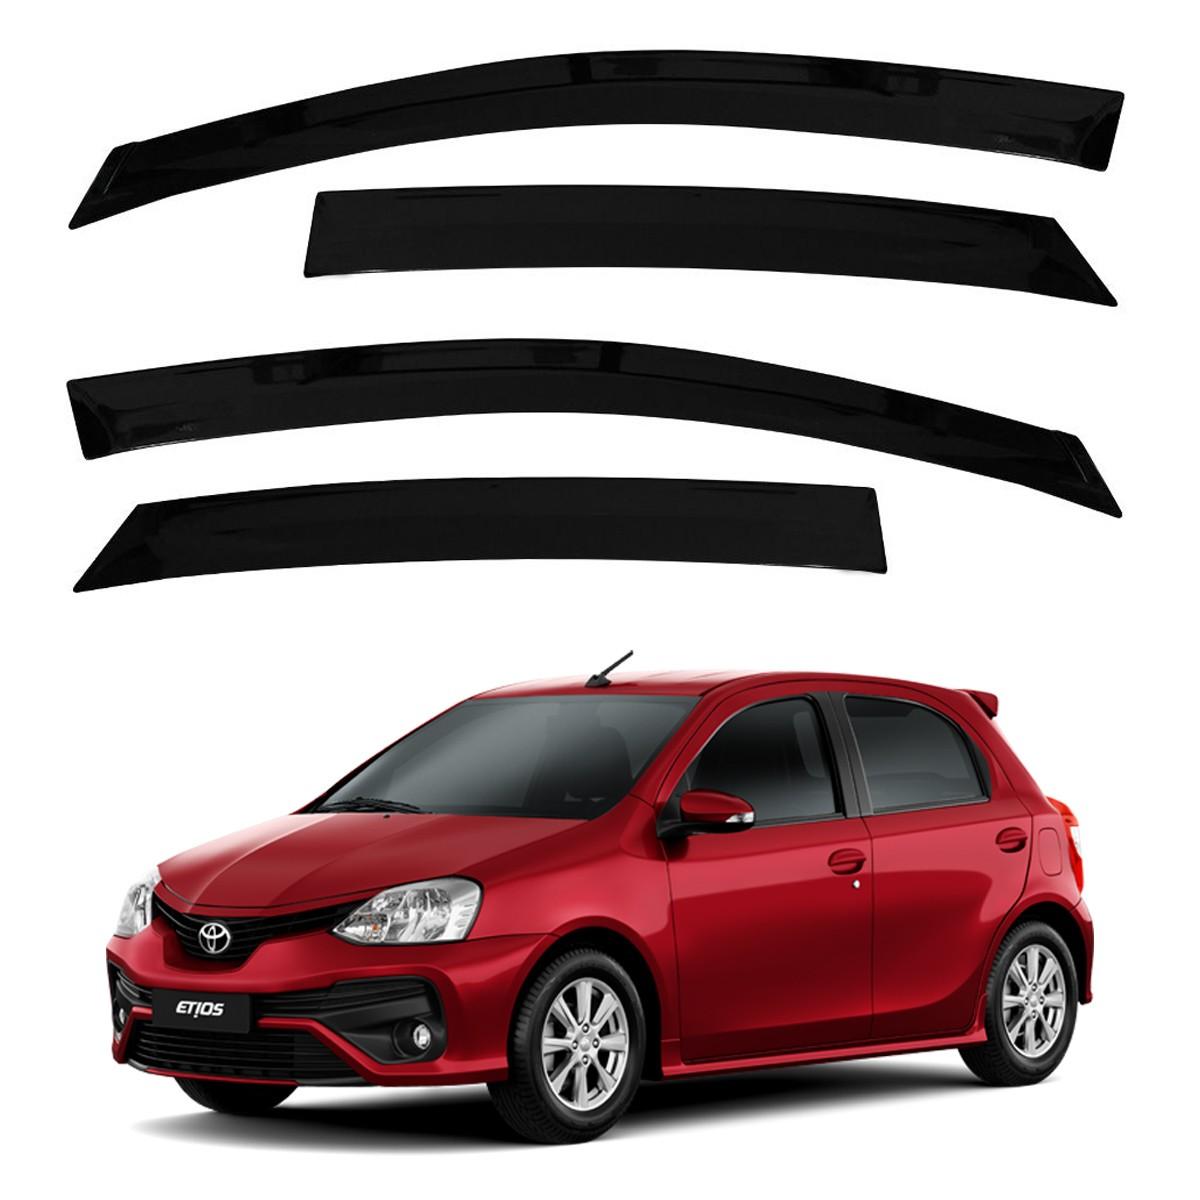 Calha de Chuva Defletor Fumê Etios Hatch e Sedan 2012 até 2018 4 Portas